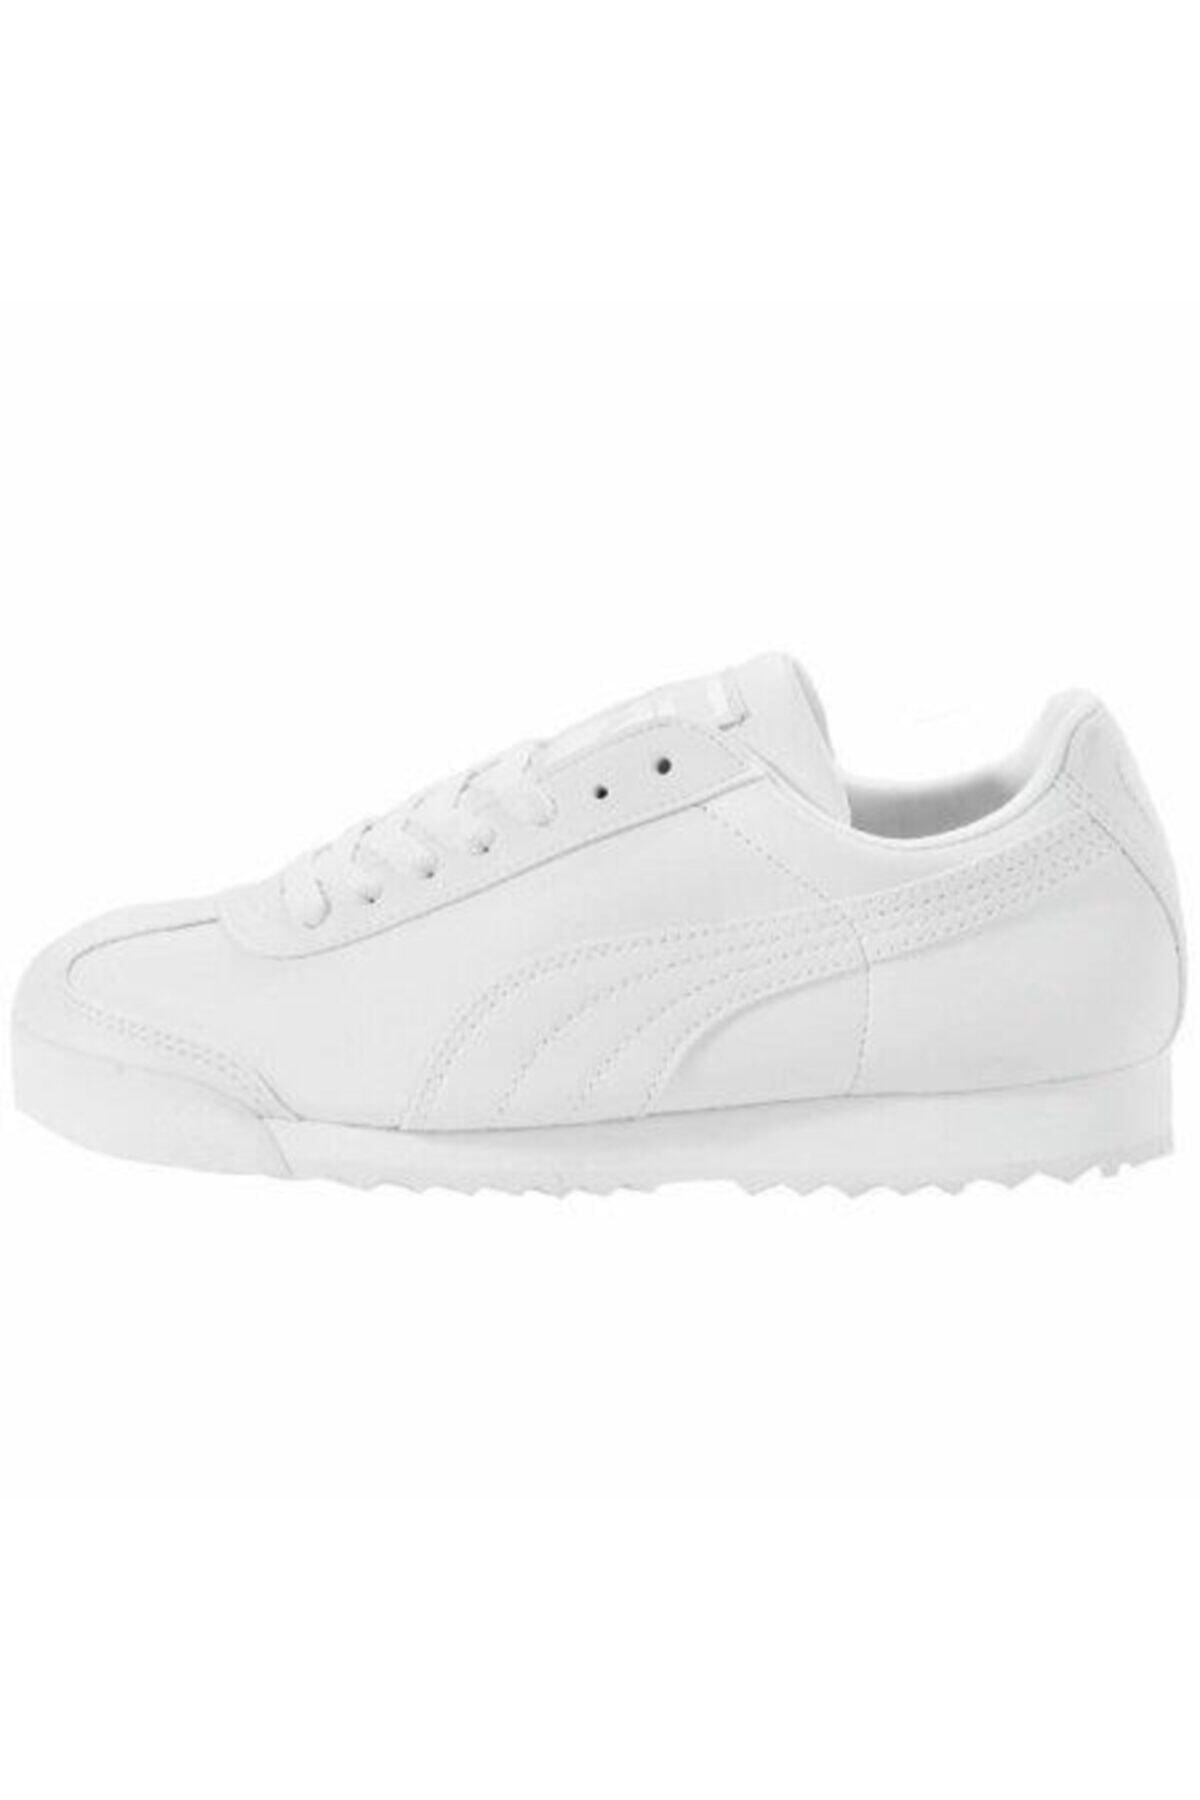 Puma ROMA BASIC JR-2 Beyaz Erkek Çocuk Sneaker Ayakkabı 100257200 2